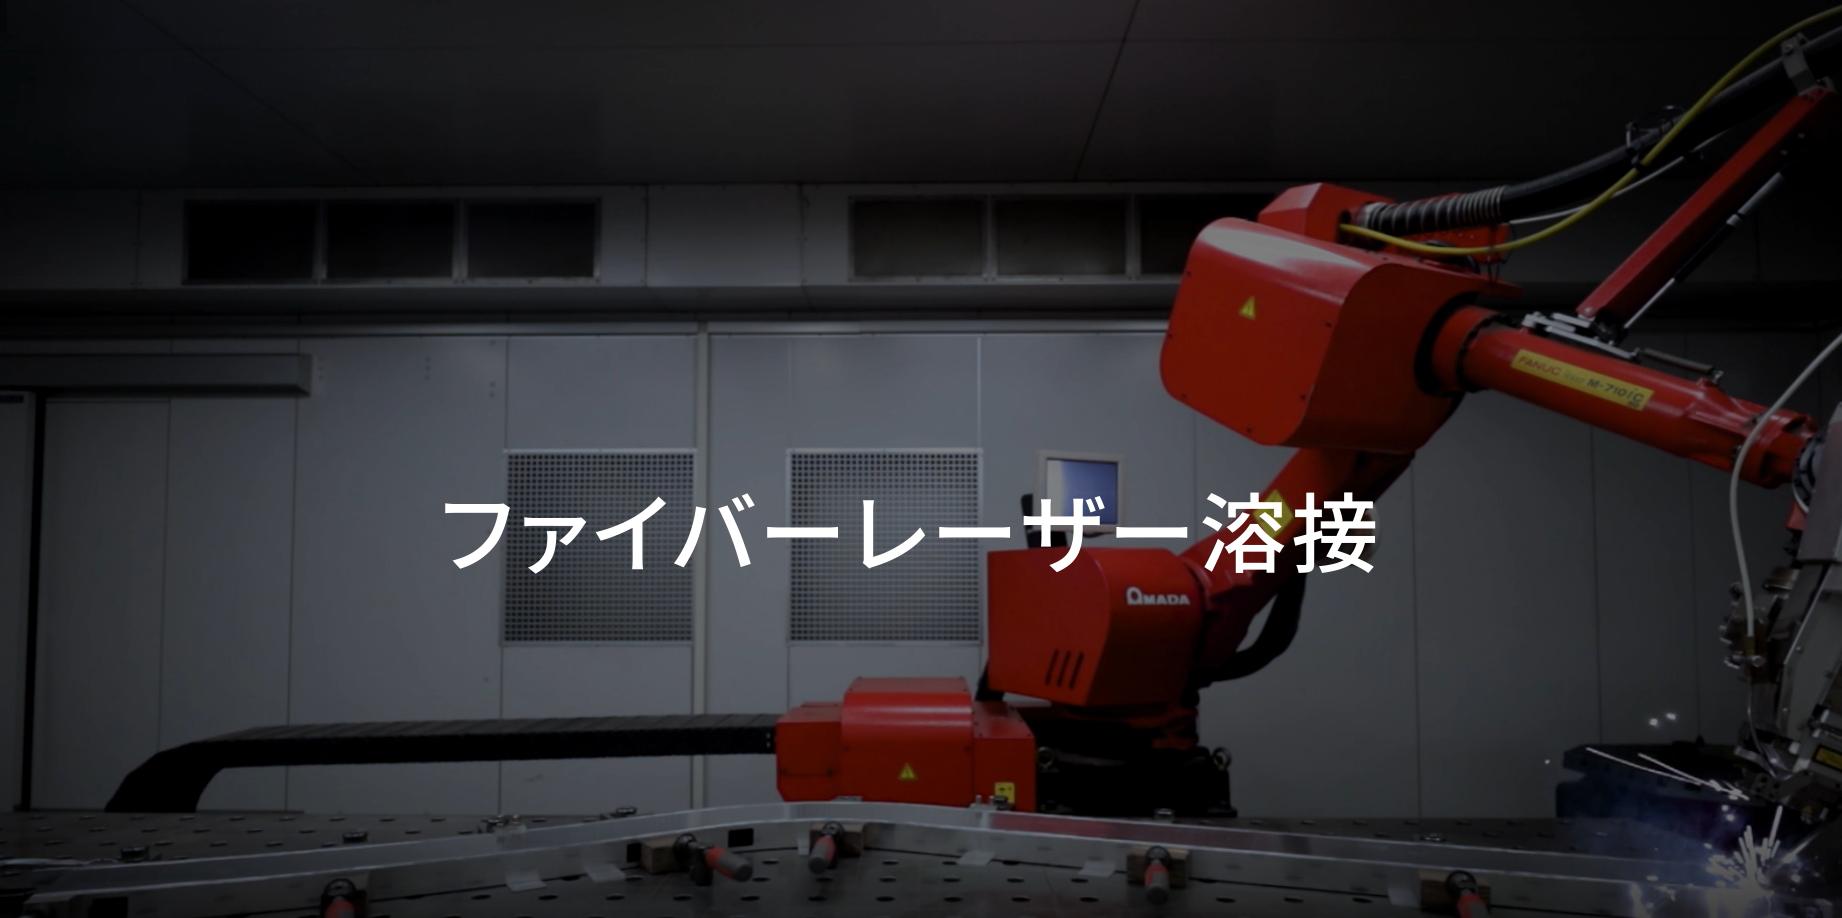 「ファイバーレーザー溶接」の動画は、こちら